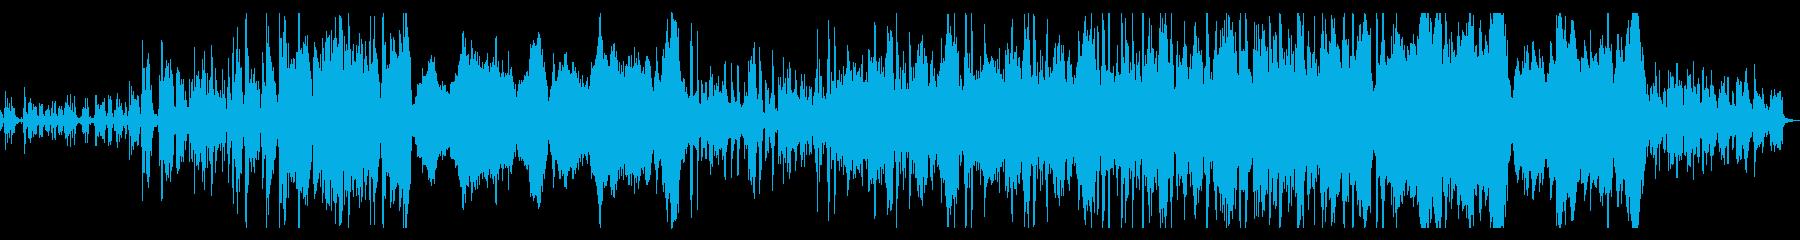 躍動的なCM,企業VP動画向けオケの再生済みの波形